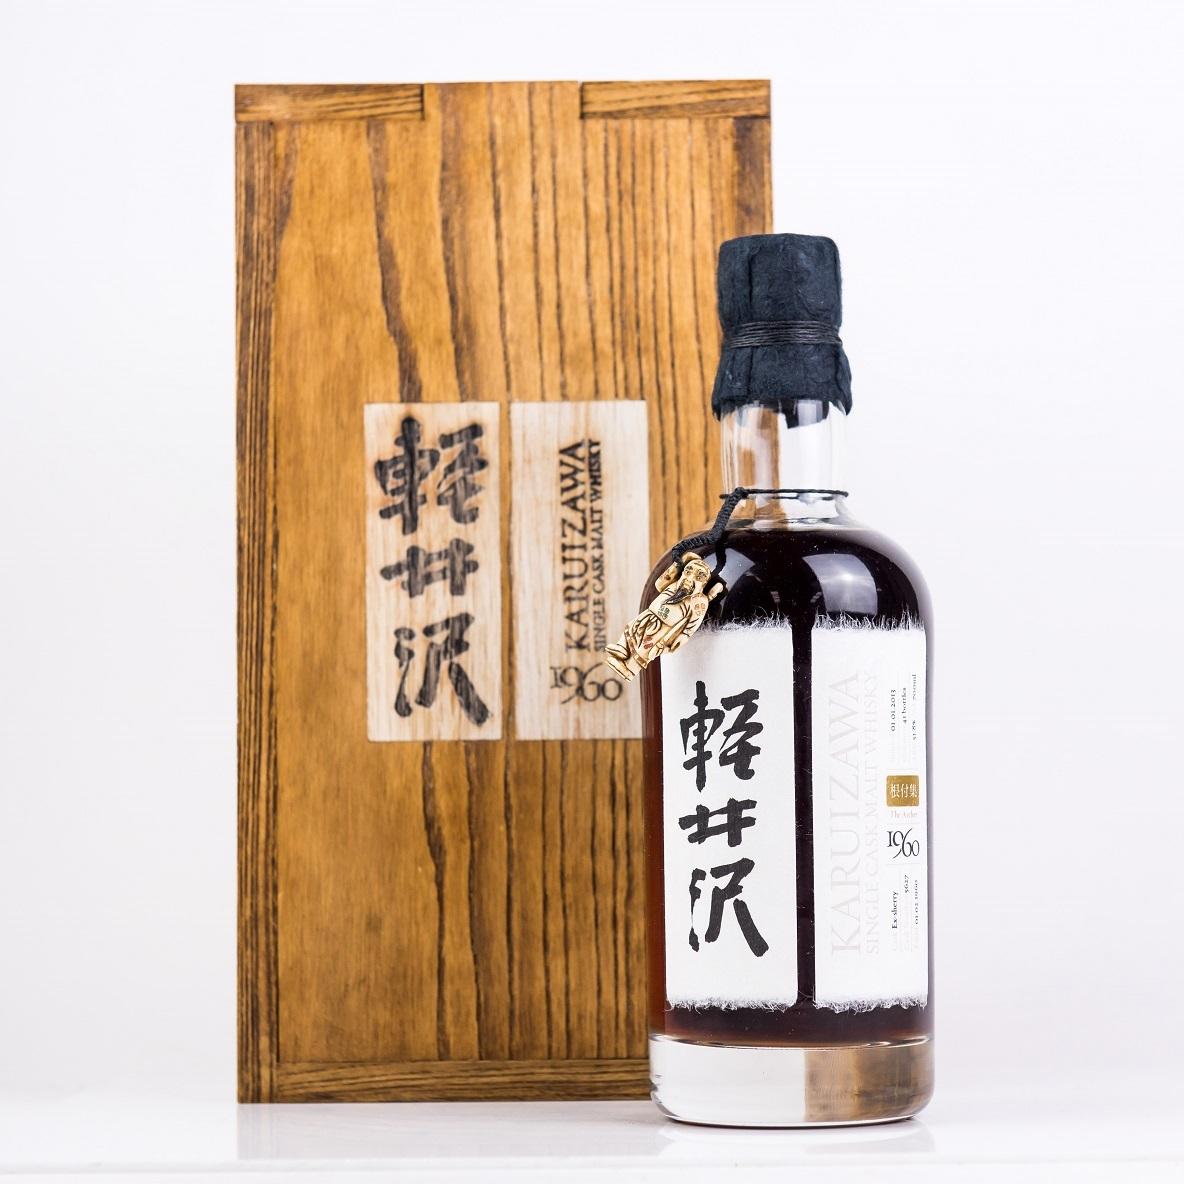 世界で最も入手困難なウイスキー「軽井沢」290本がオークションに出品